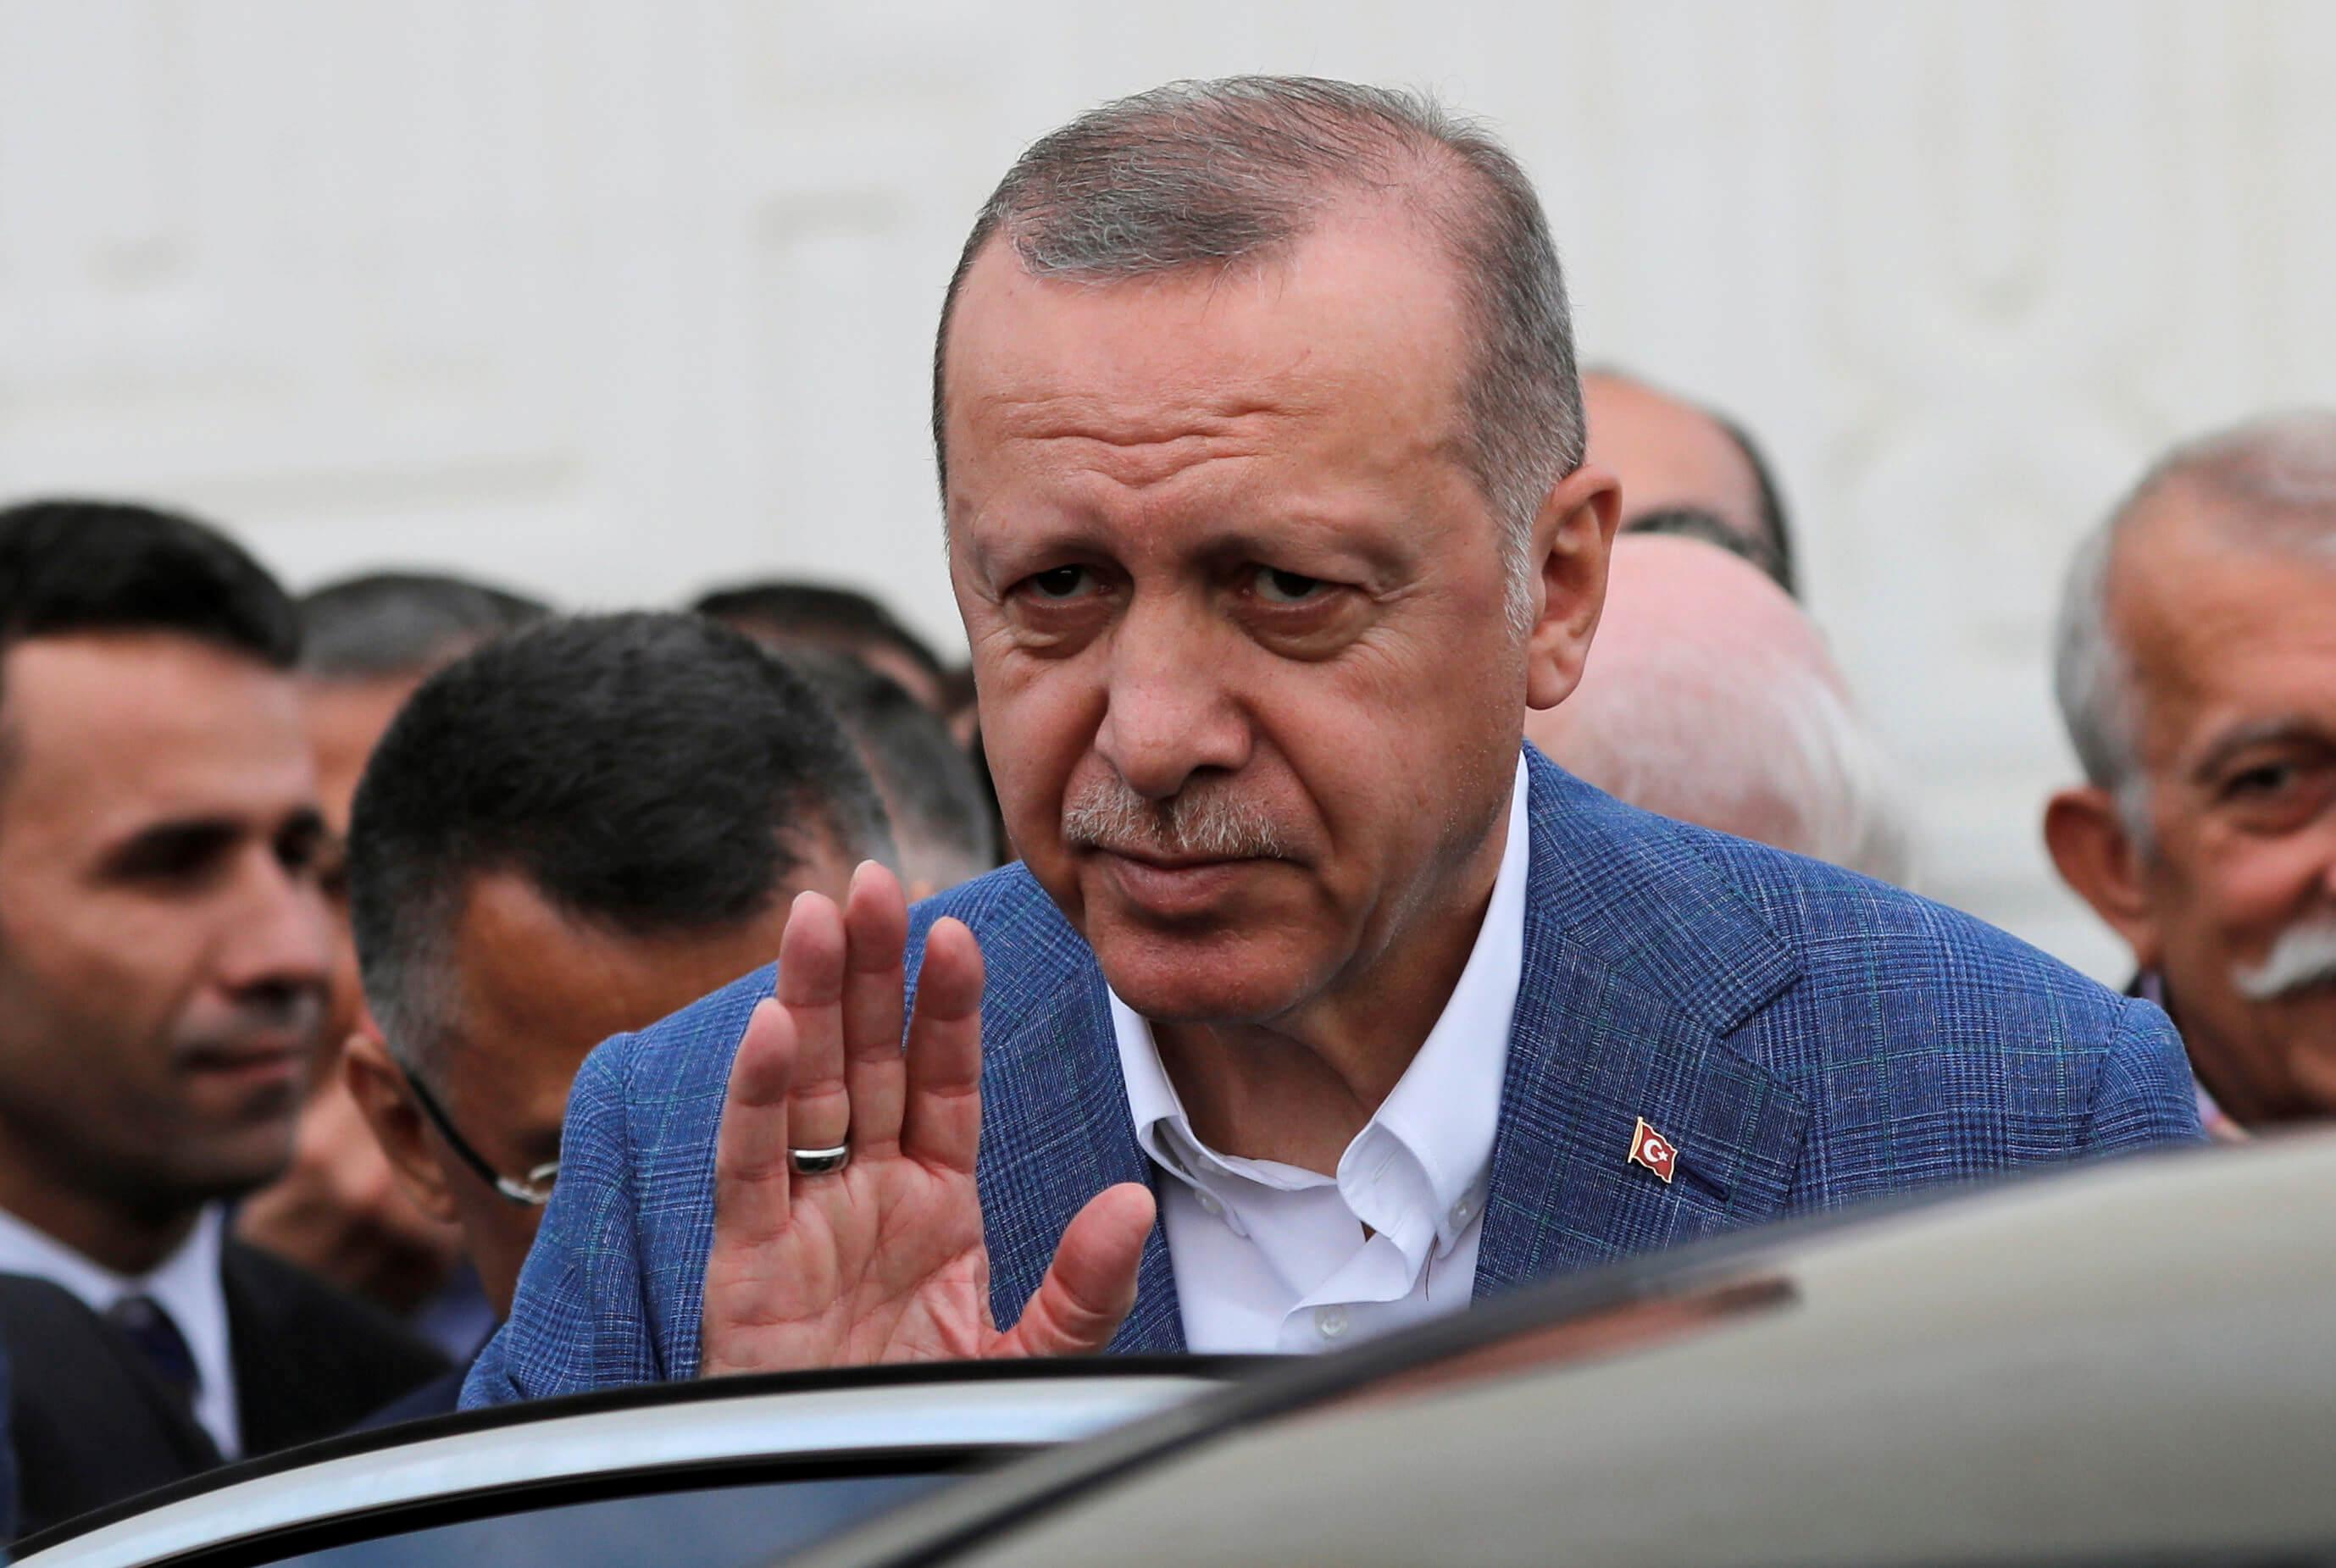 SZ: Γιατί ο Ερντογάν ανακινεί θέμα ονόματος της Κωνσταντινούπολης